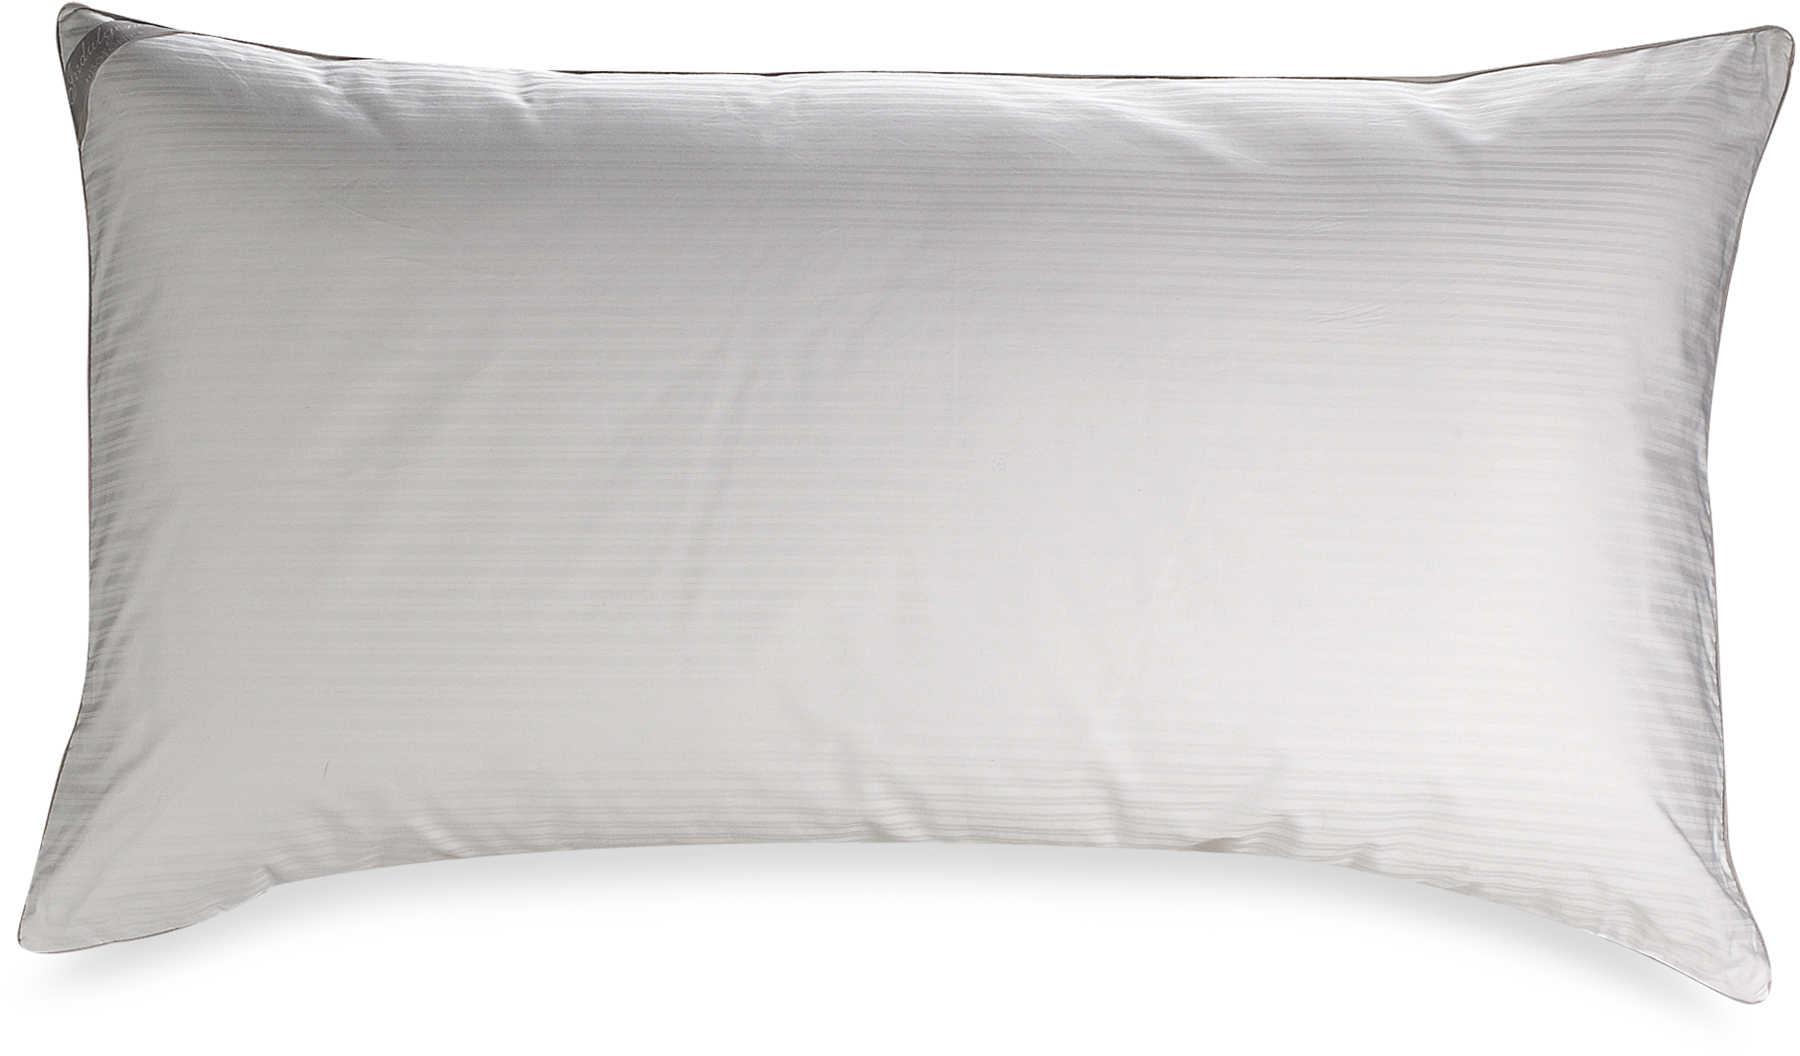 Isotonic® Indulgence™ Sleeper Pillow - BedBathandBeyond.com